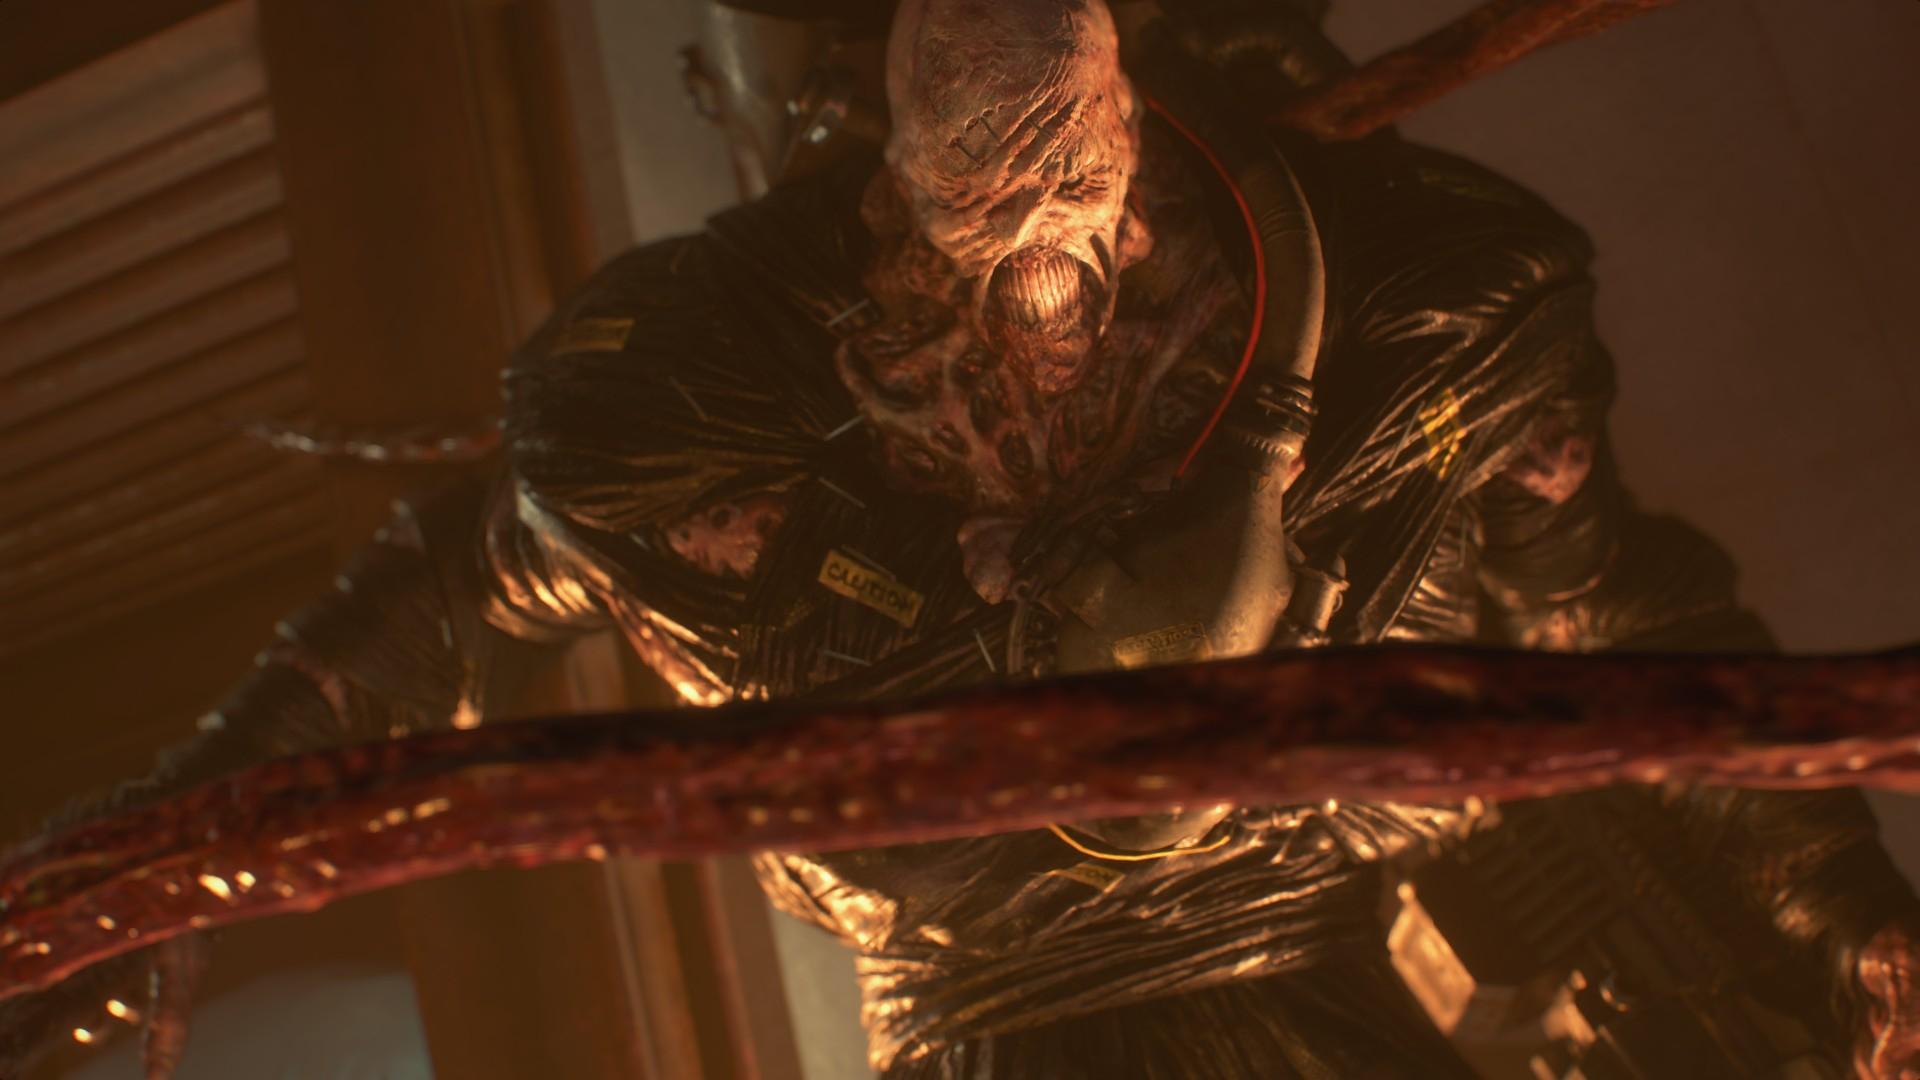 《生化危机3:重制版》新预告截图 追踪者火箭筒大战吉尔